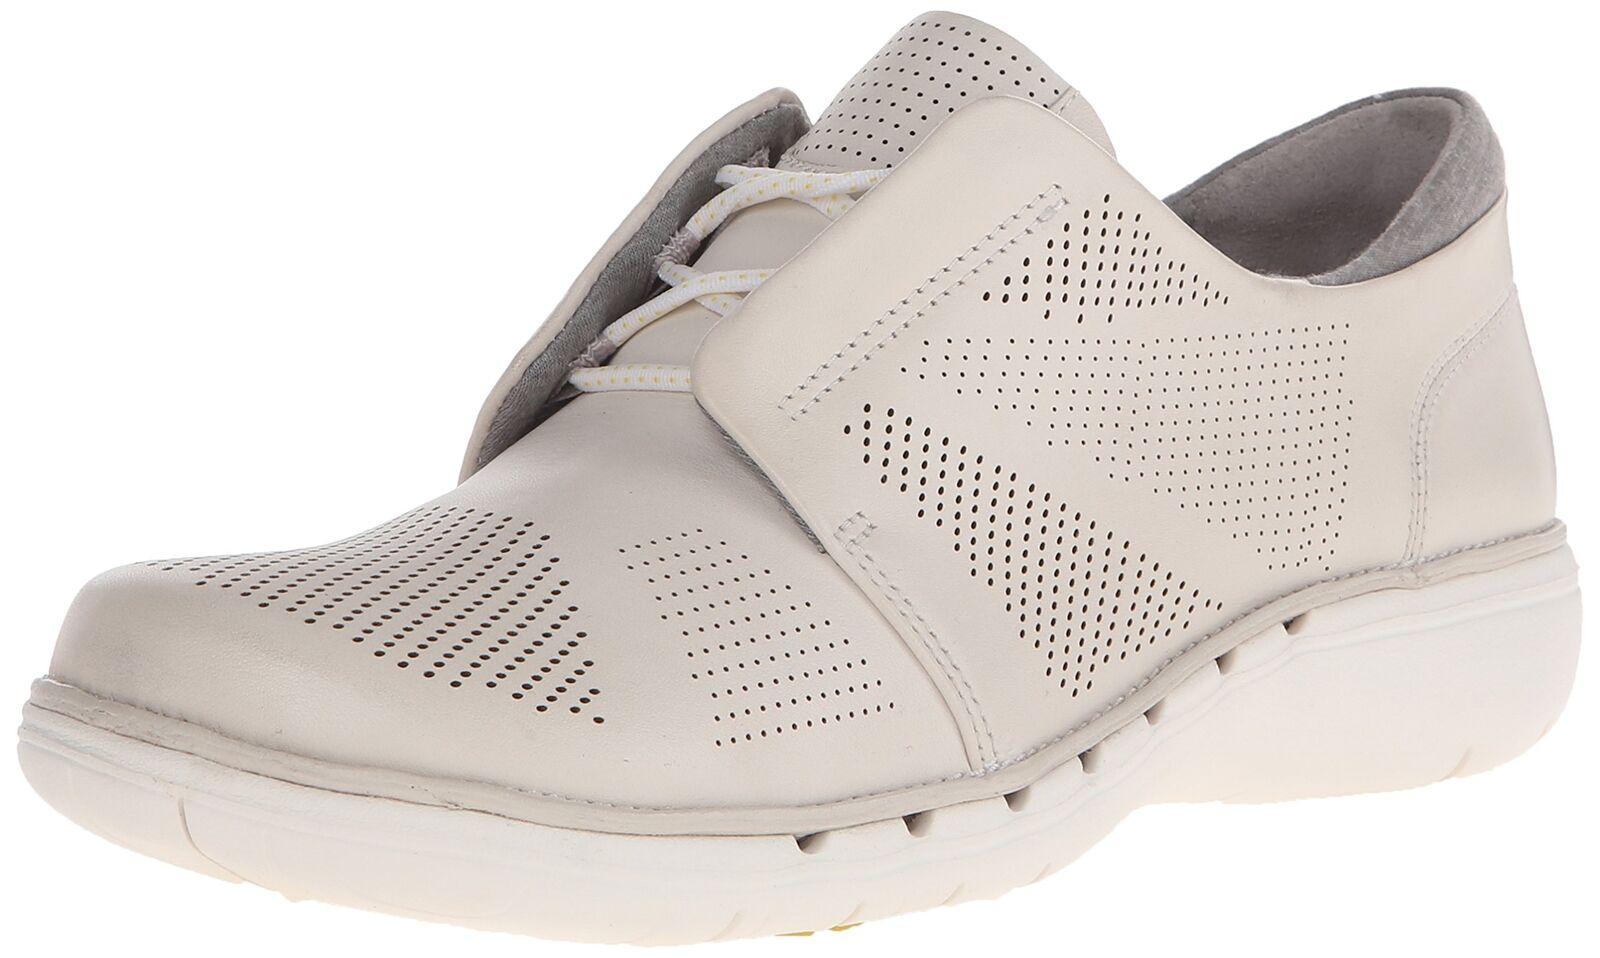 Clarks Mujer Un Voltra Caminar Zapato De Cuero blancoo 6.5 M US